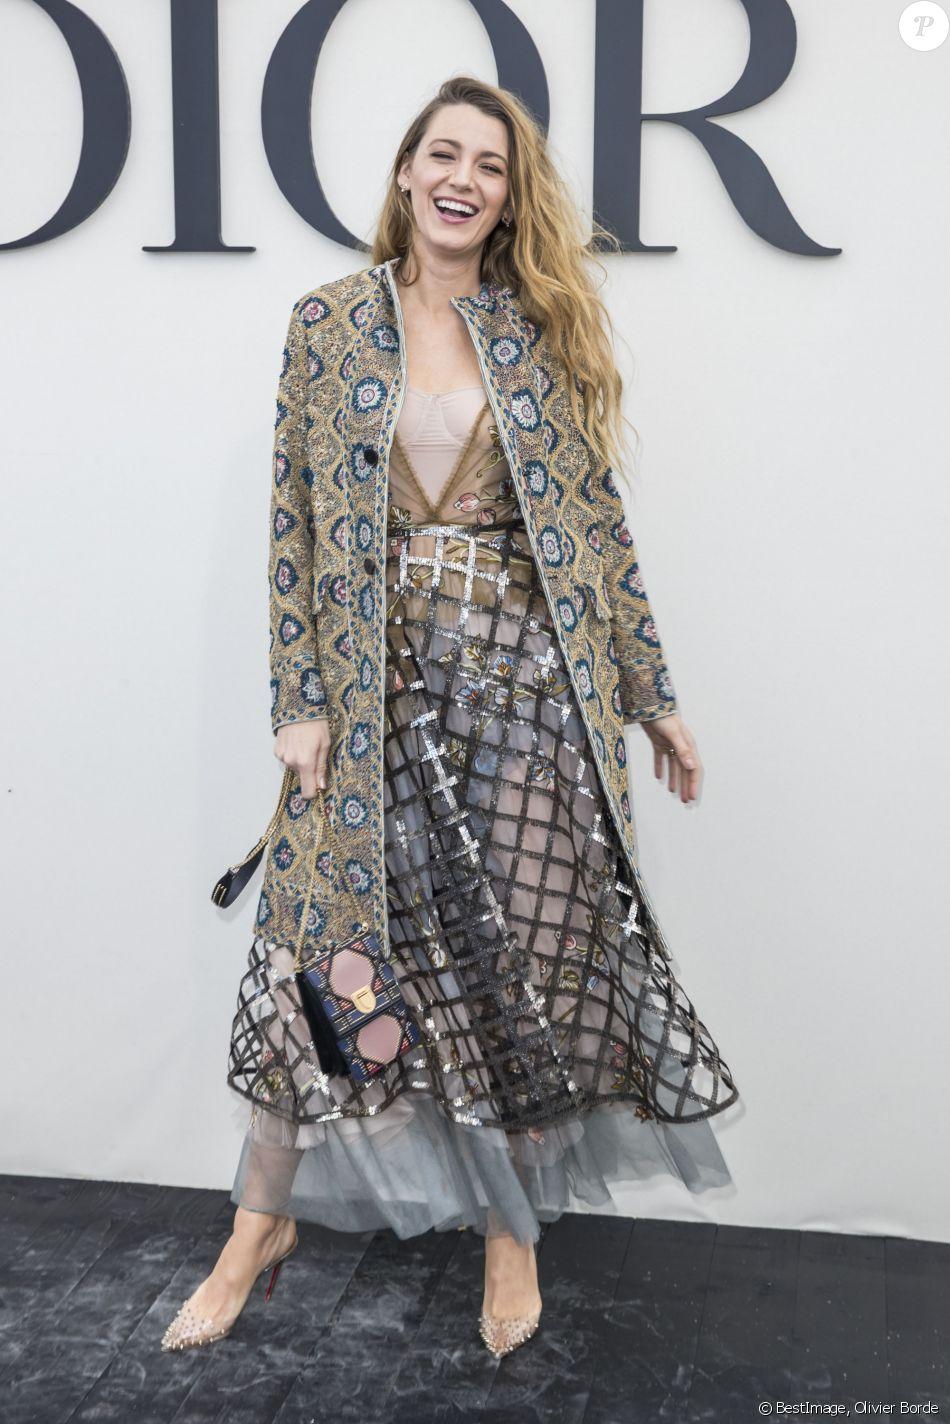 """Blake Lively - Défilé de mode """"Christian Dior"""" prêt-à-porter printemps-été 2019 à Paris. Le 24 septembre 2018 © Olivier Borde / Bestimage"""